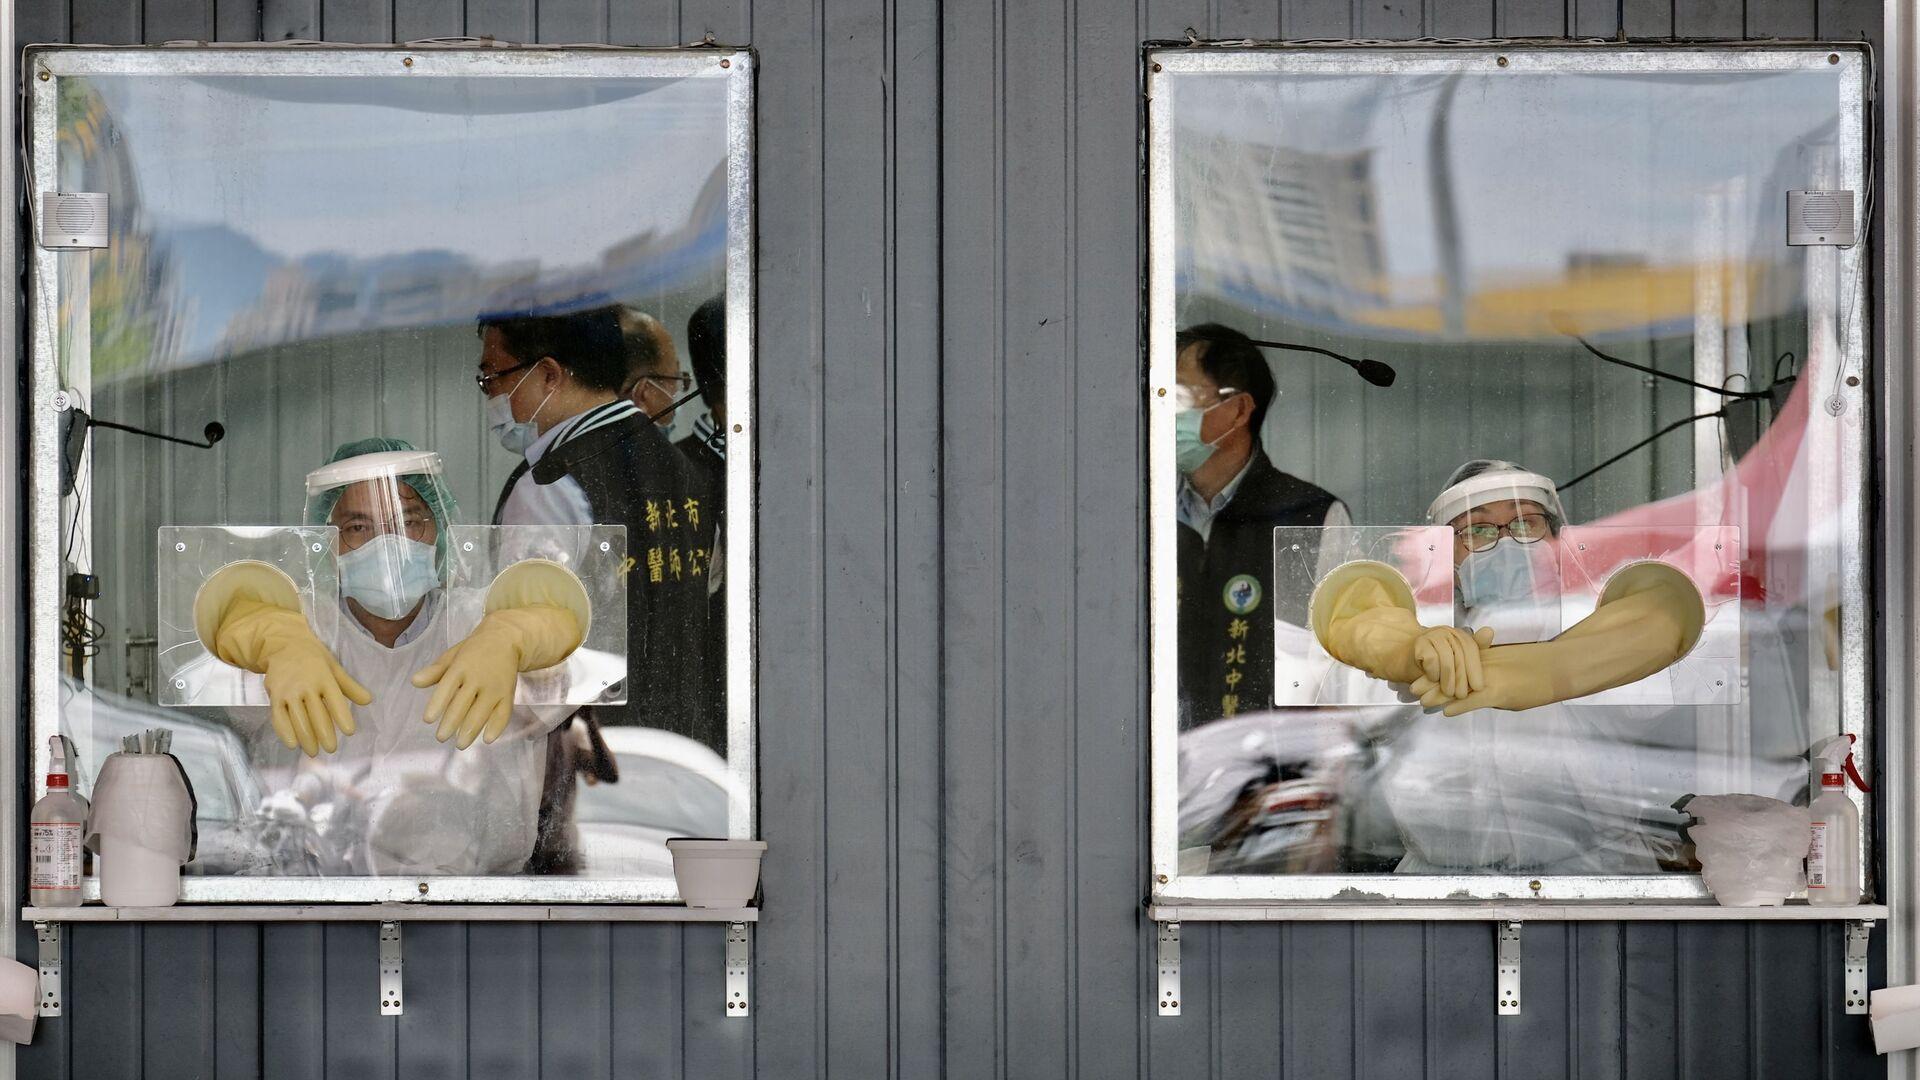 Медицинский персонал в зоне проверки на Covid-19 в Нью-Тайбэе - Sputnik Italia, 1920, 15.06.2021